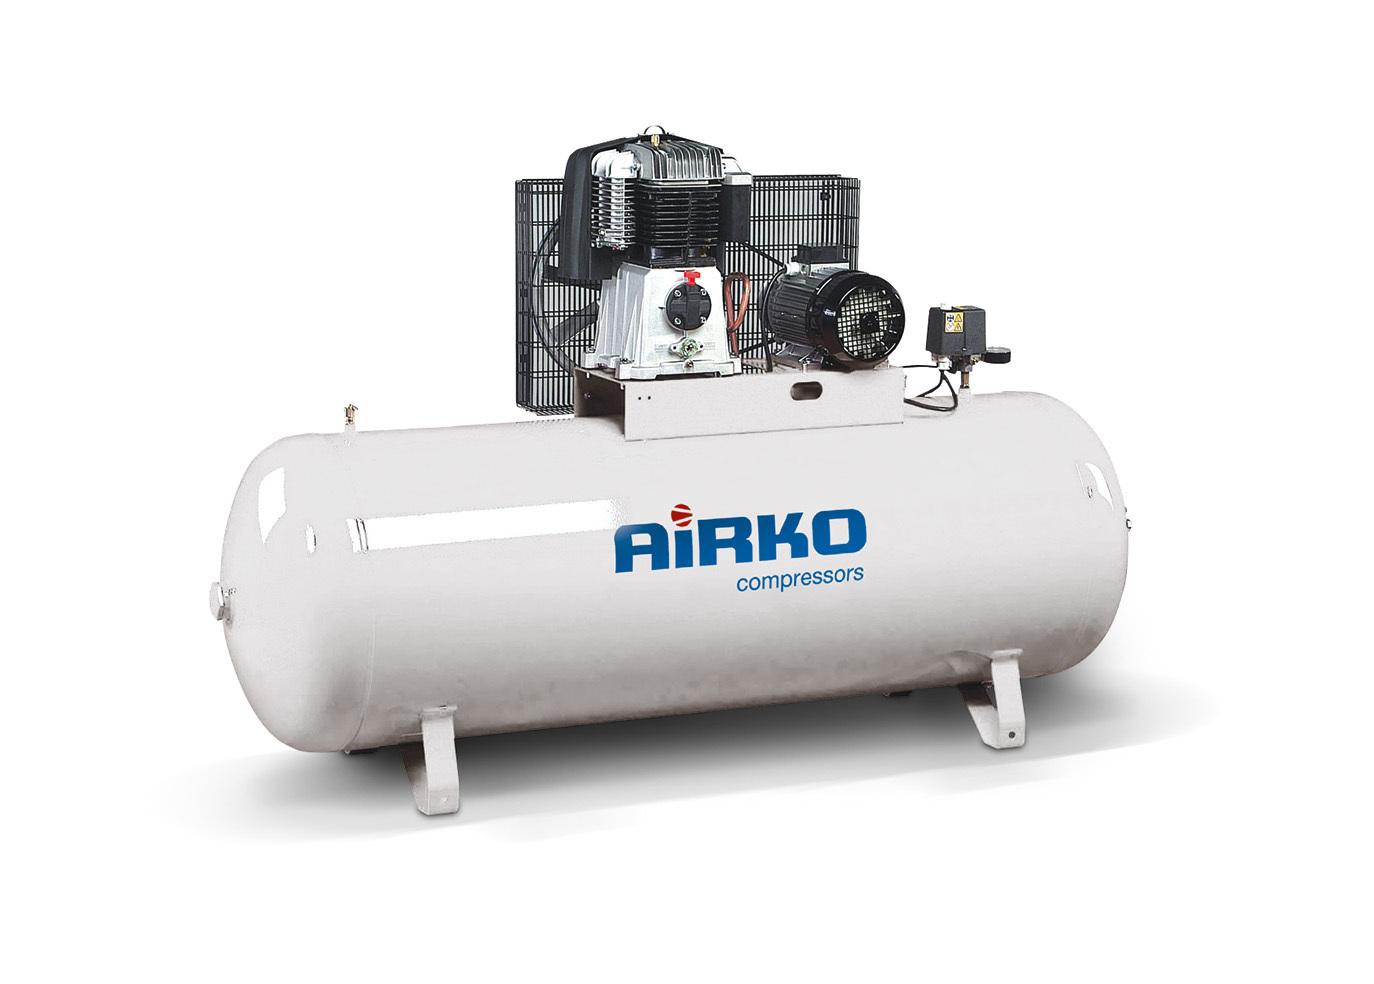 kompressor 10 bar airko maxxi 5 5 d 270. Black Bedroom Furniture Sets. Home Design Ideas